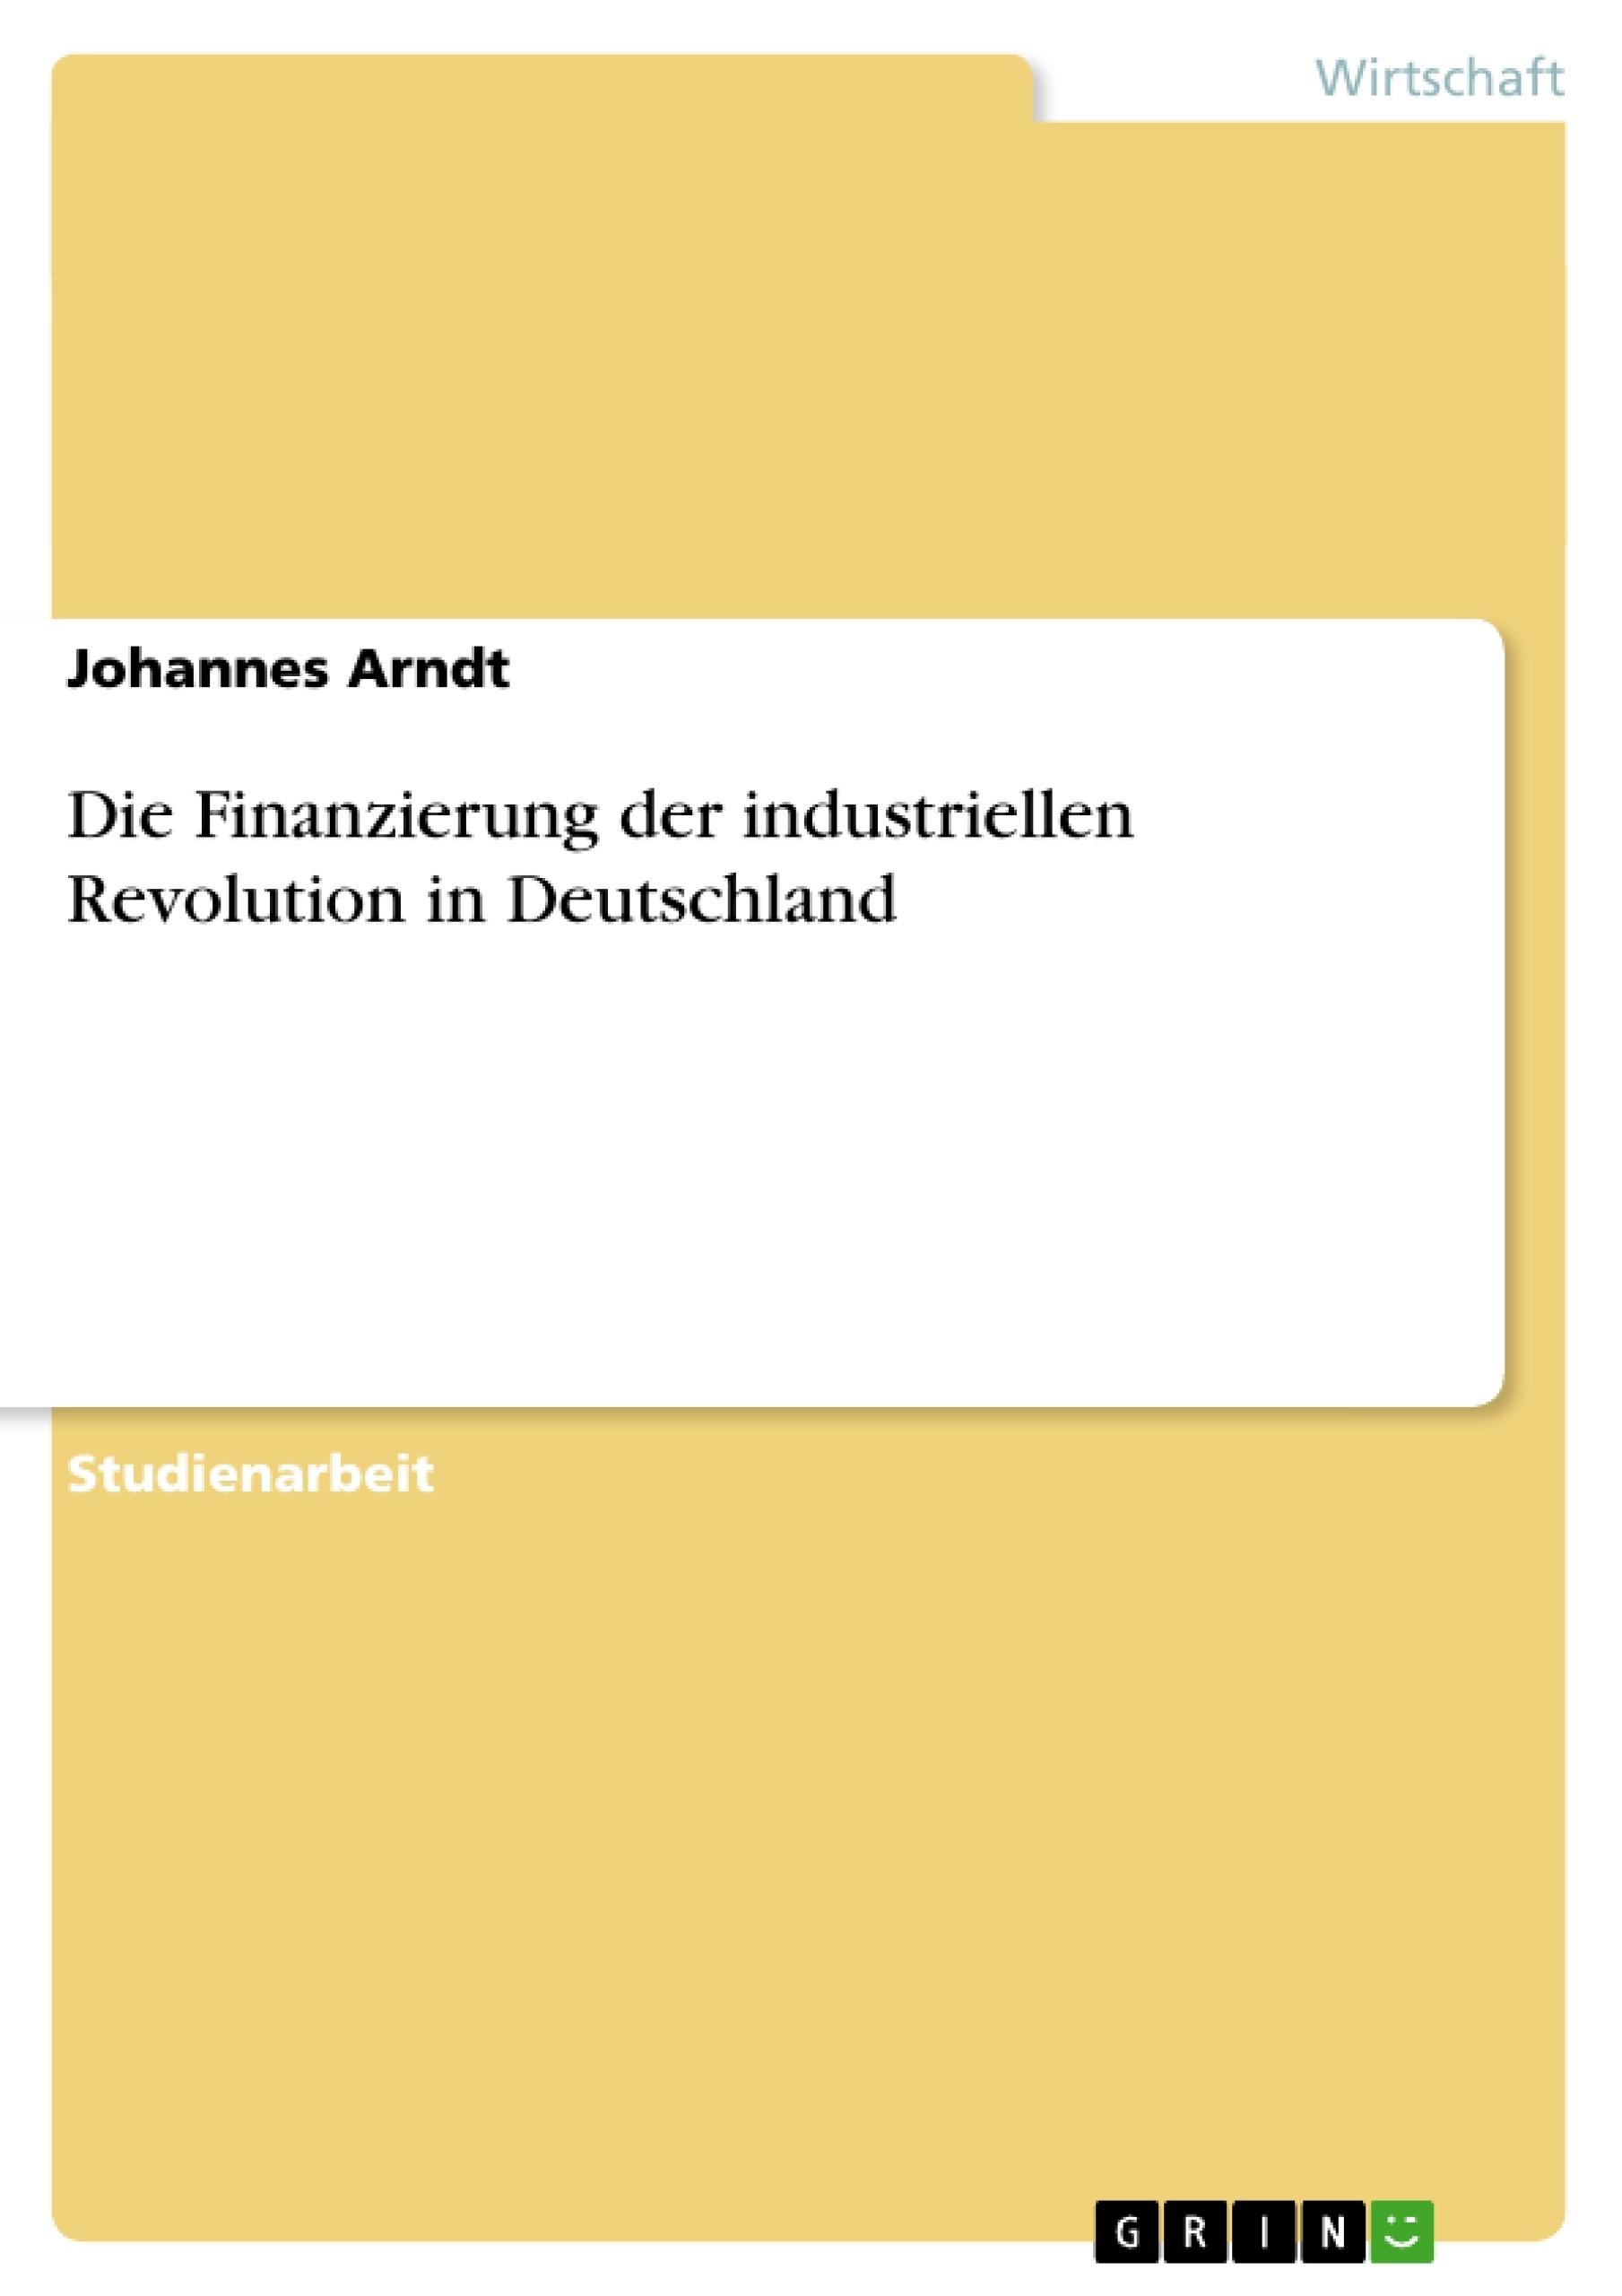 Titel: Die Finanzierung der industriellen Revolution in Deutschland